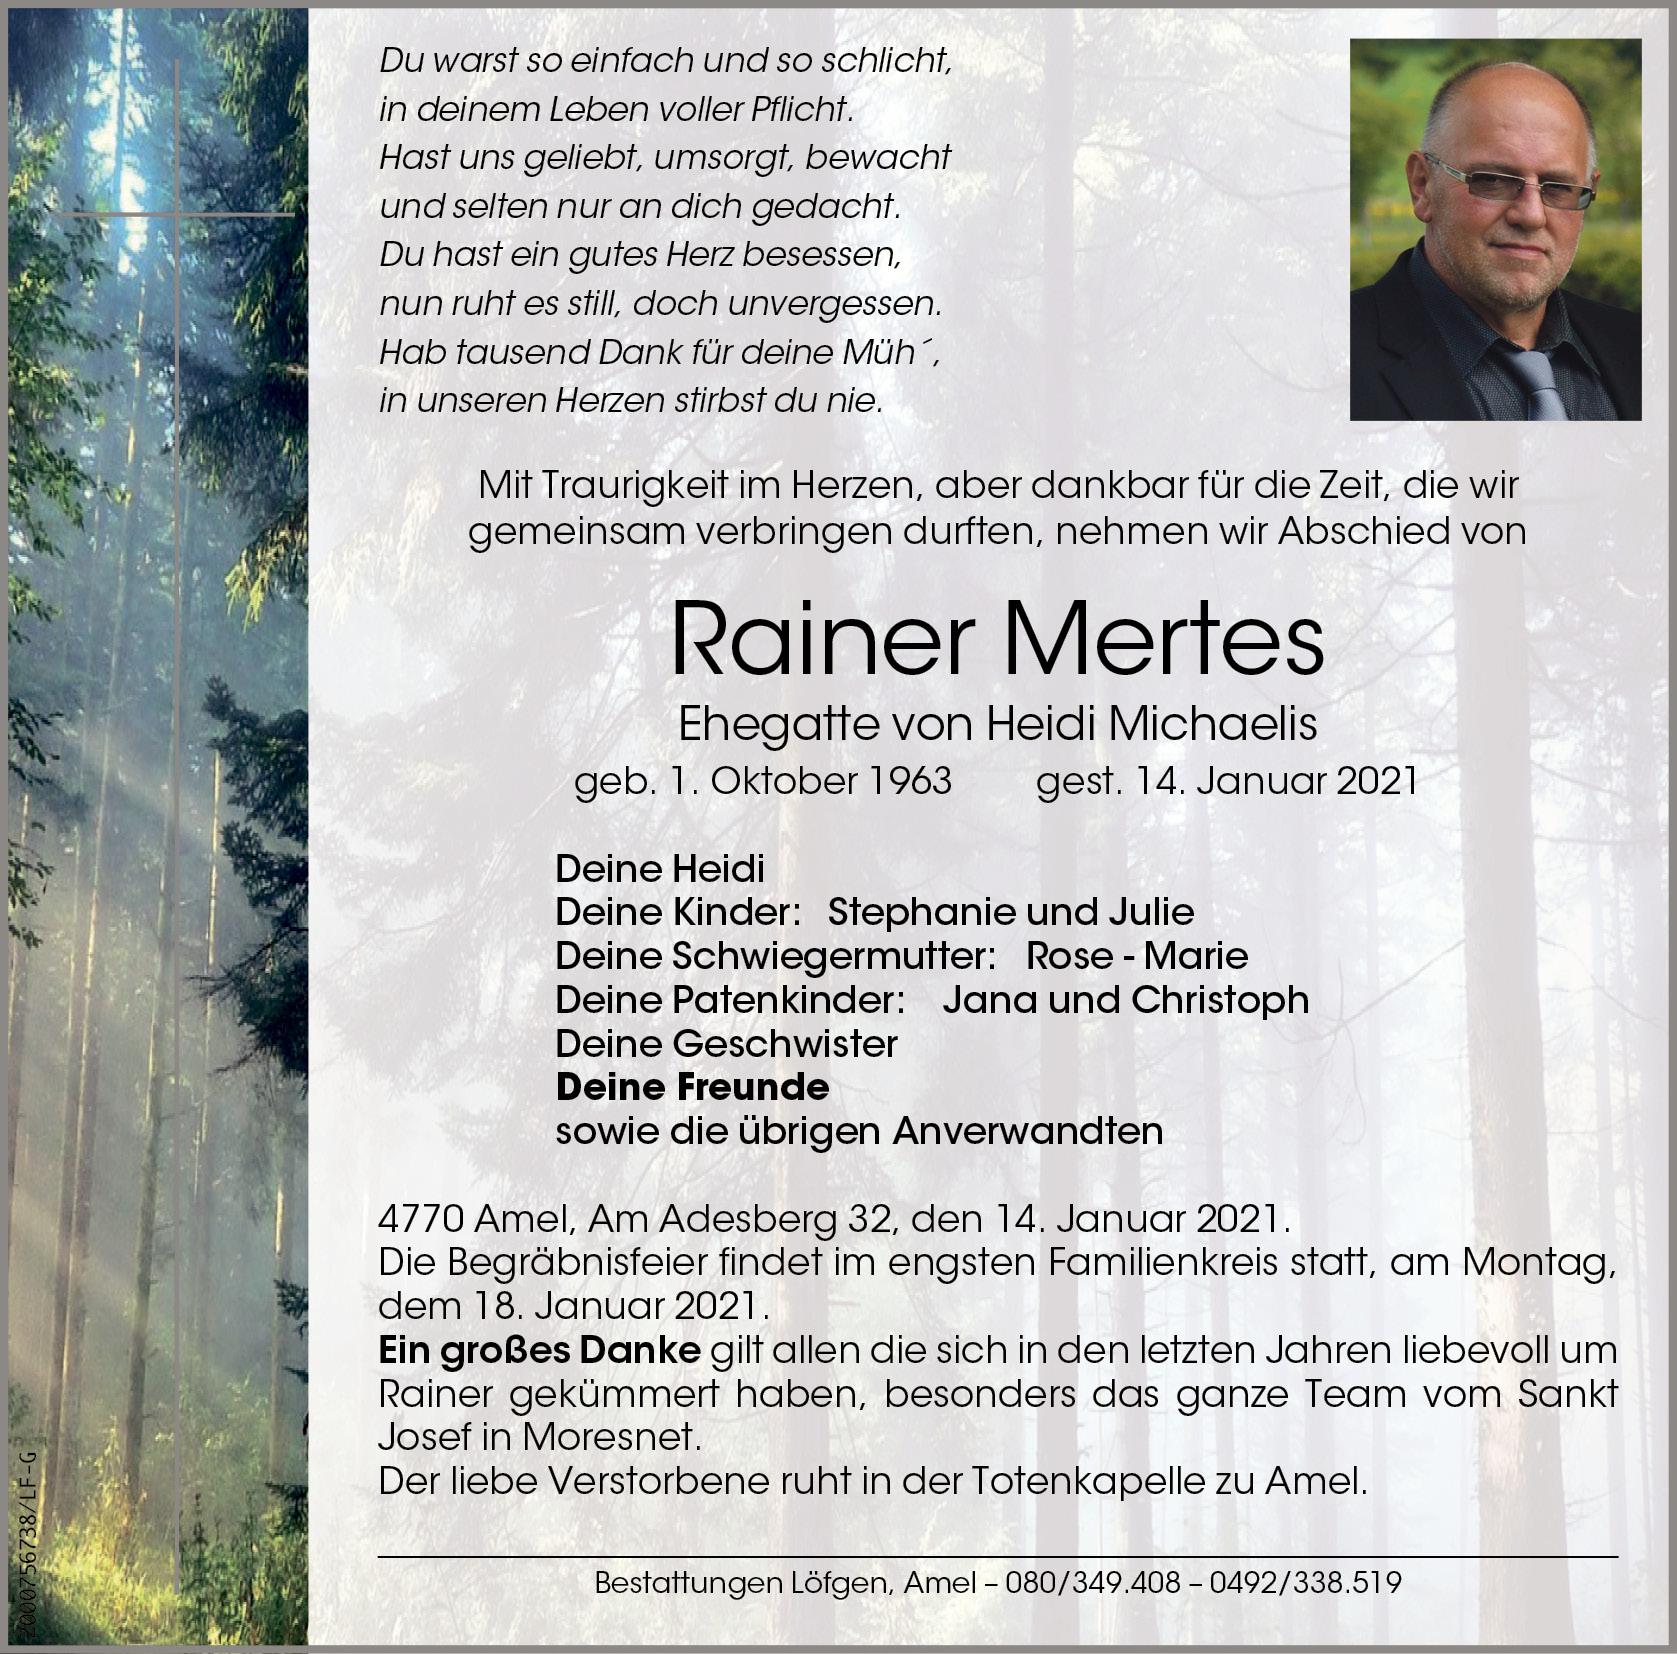 Rainer Mertes